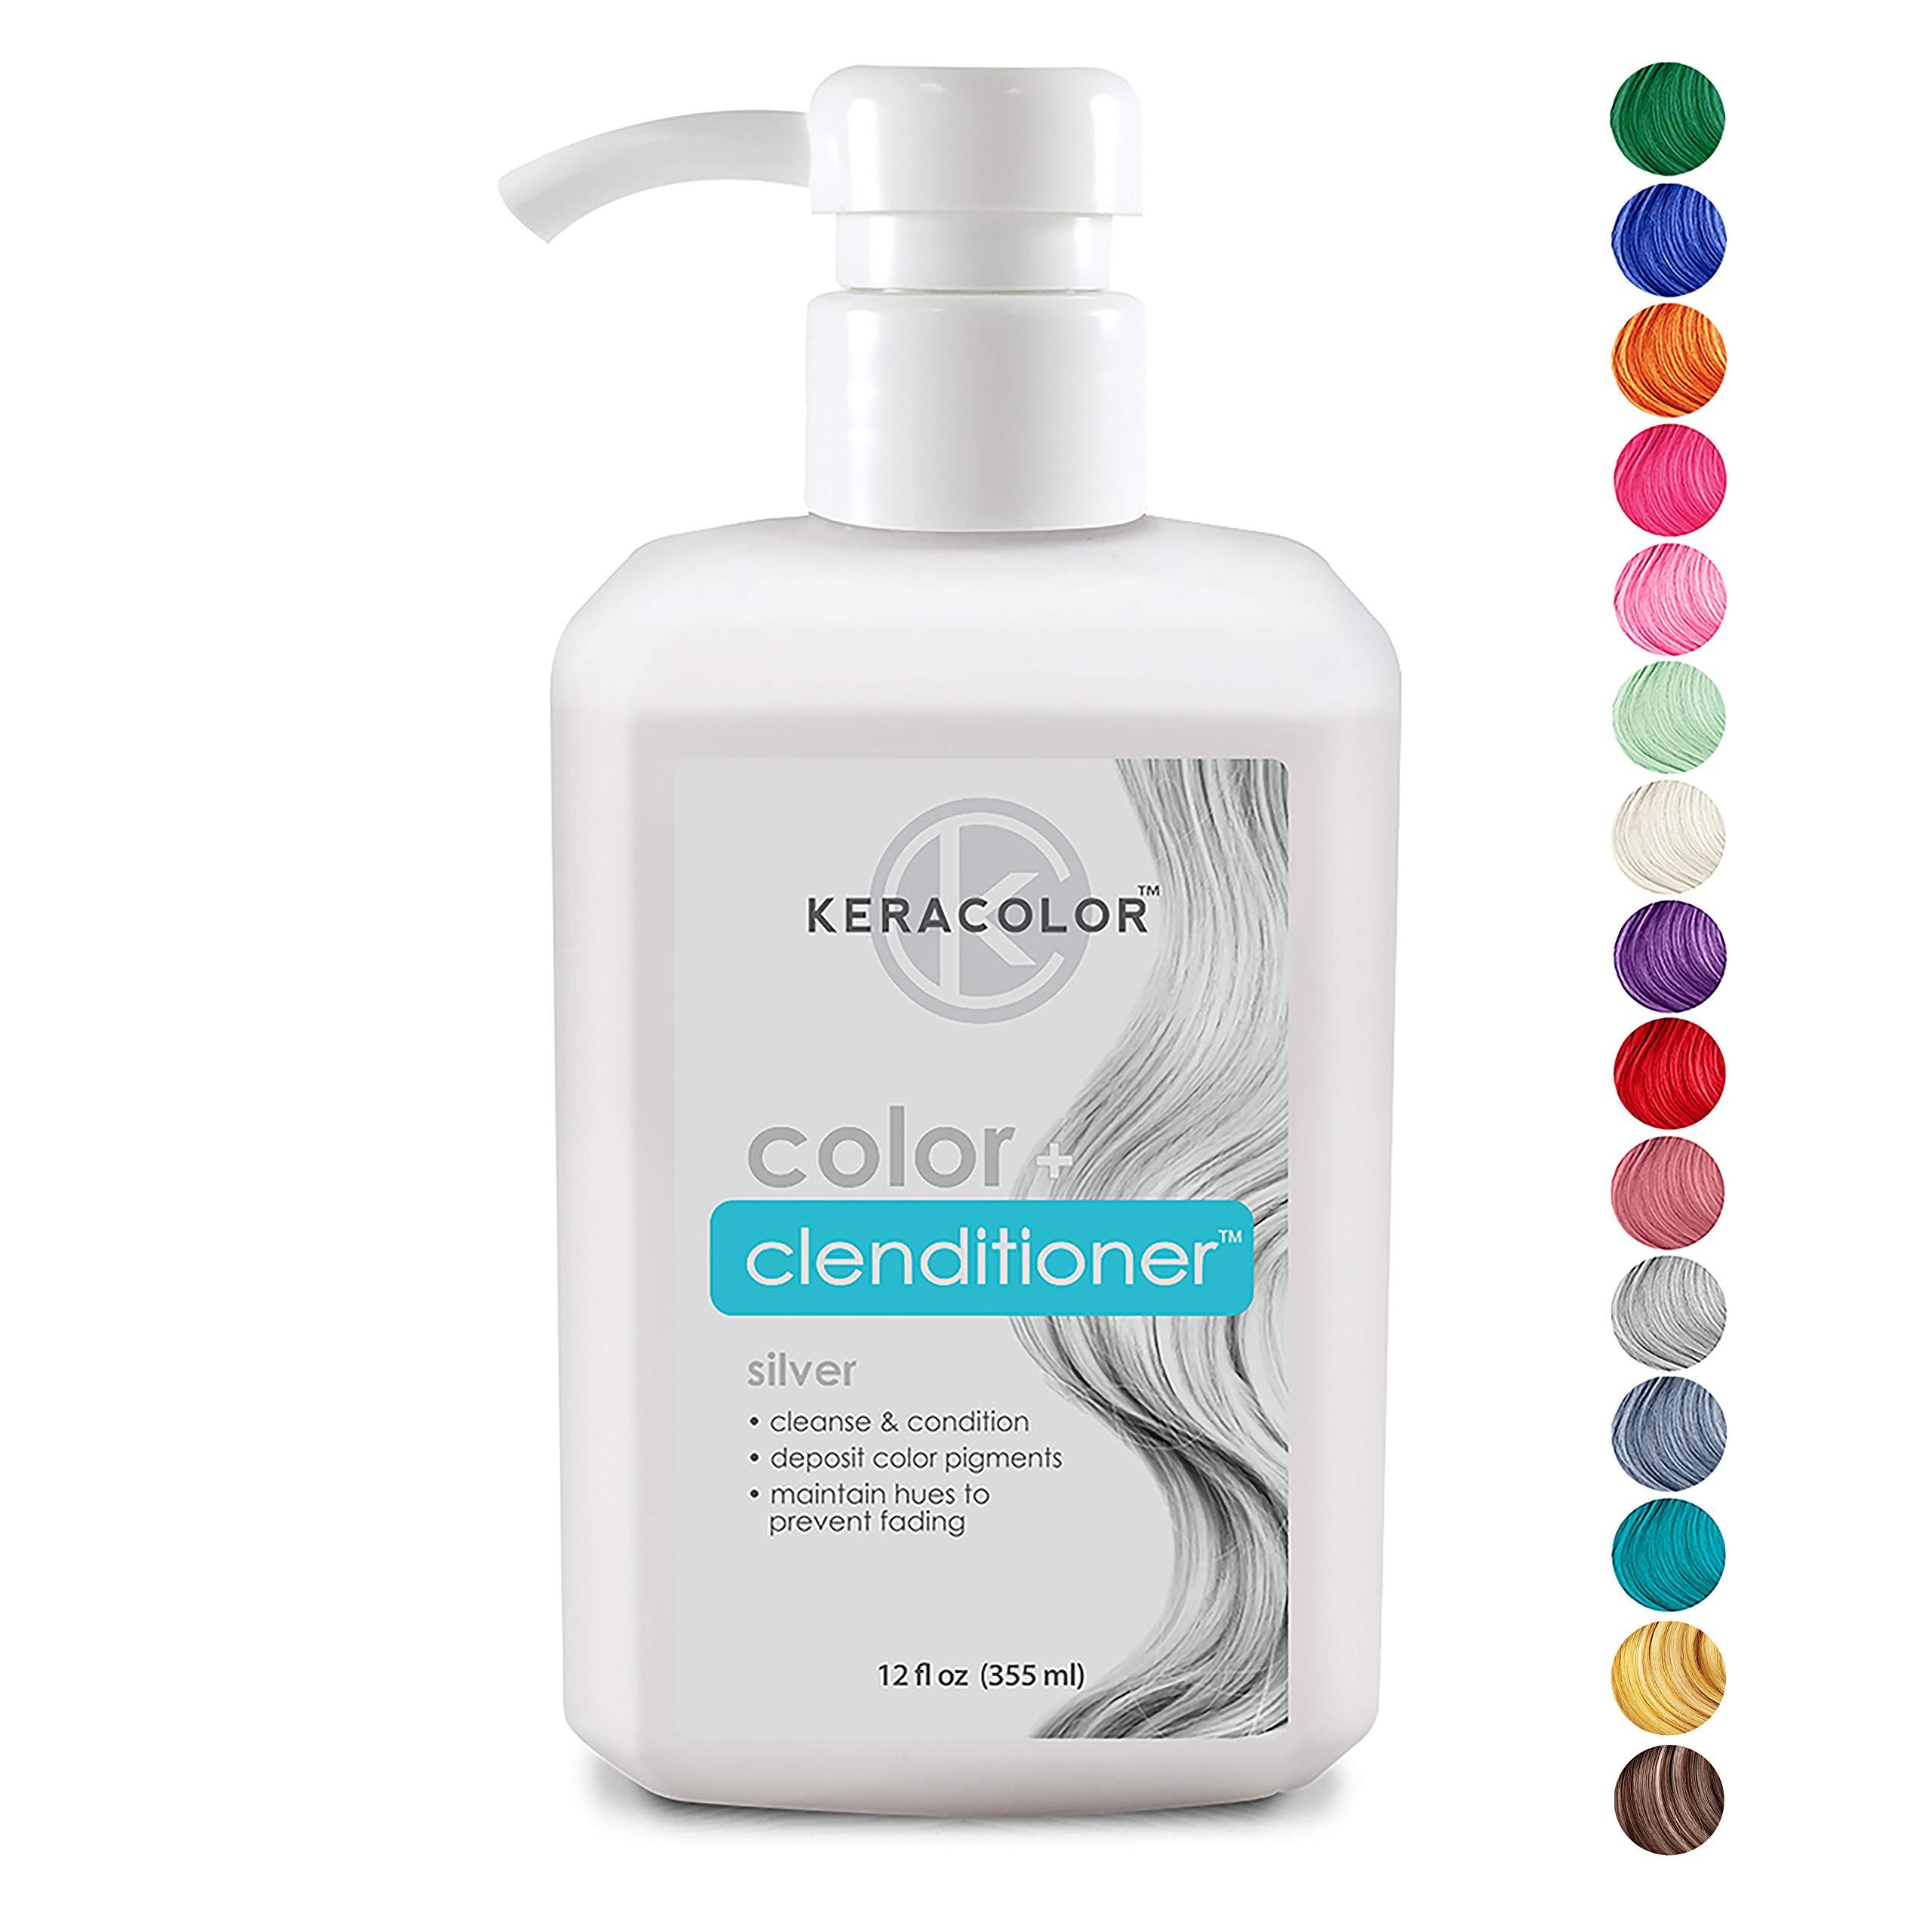 Keracolor Clenditioner Color Depositing Conditioner Colorwash, Silver, 12 fl oz by KERACOLOR